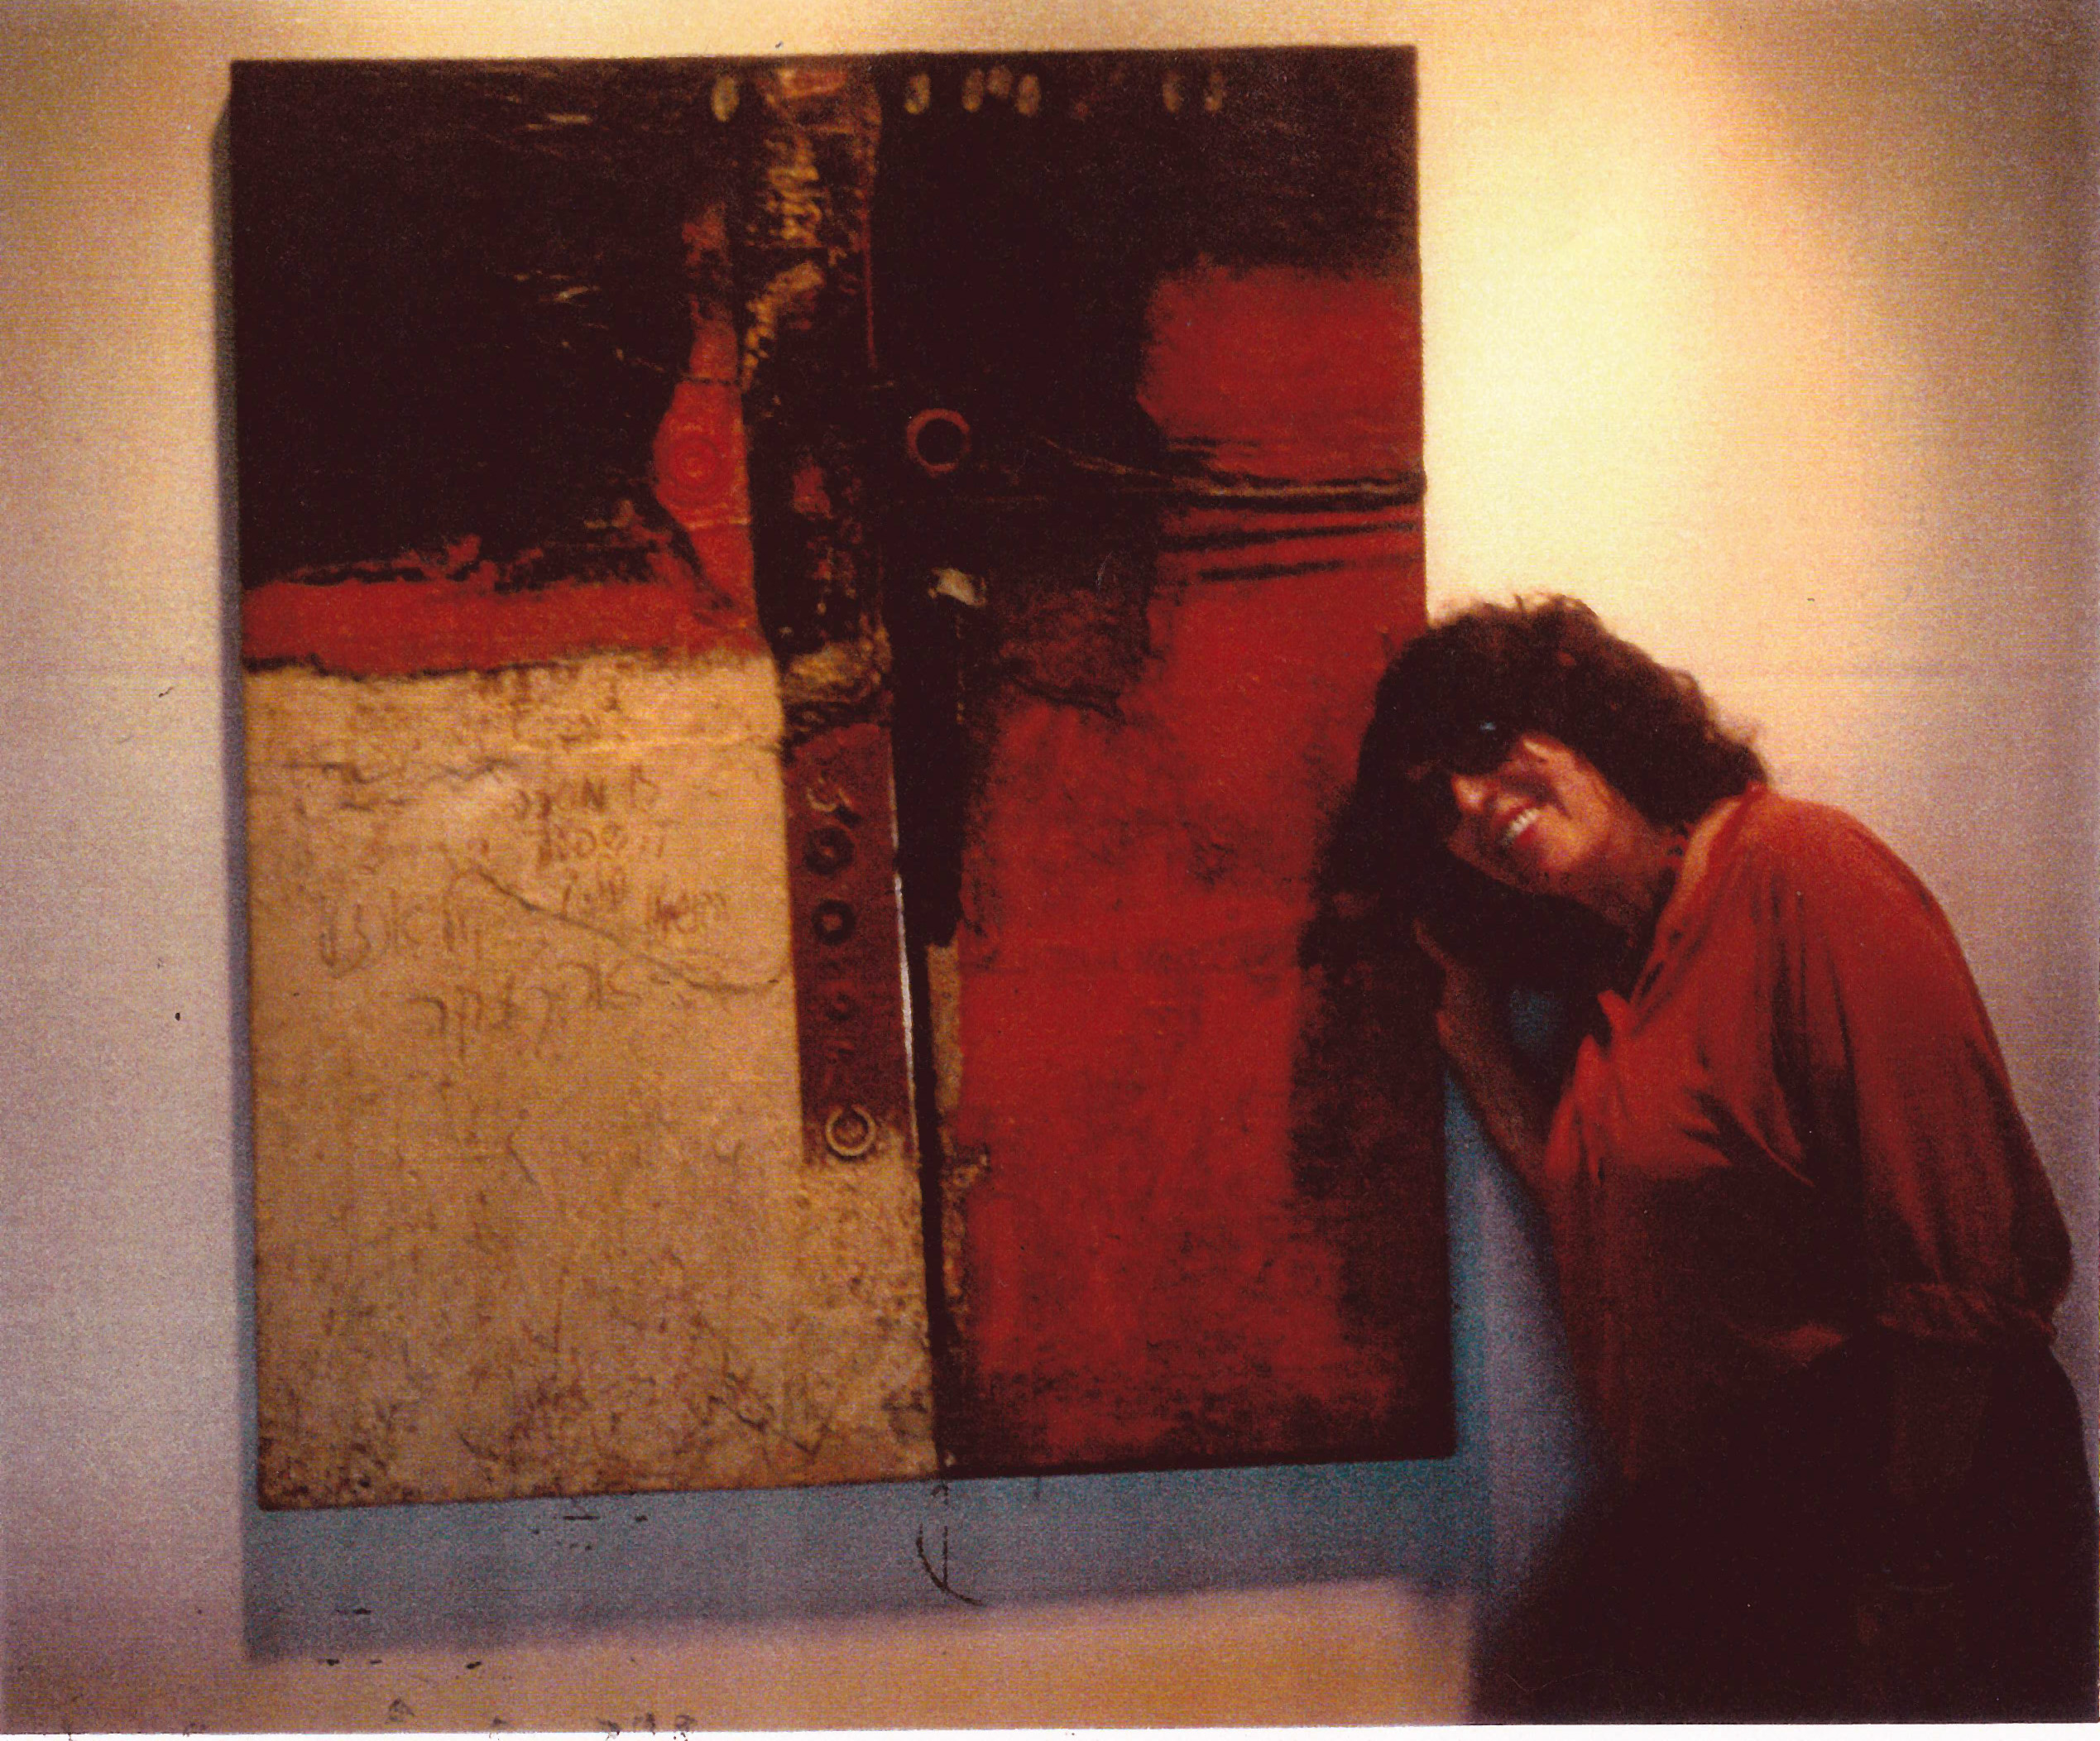 Atara Baker artist